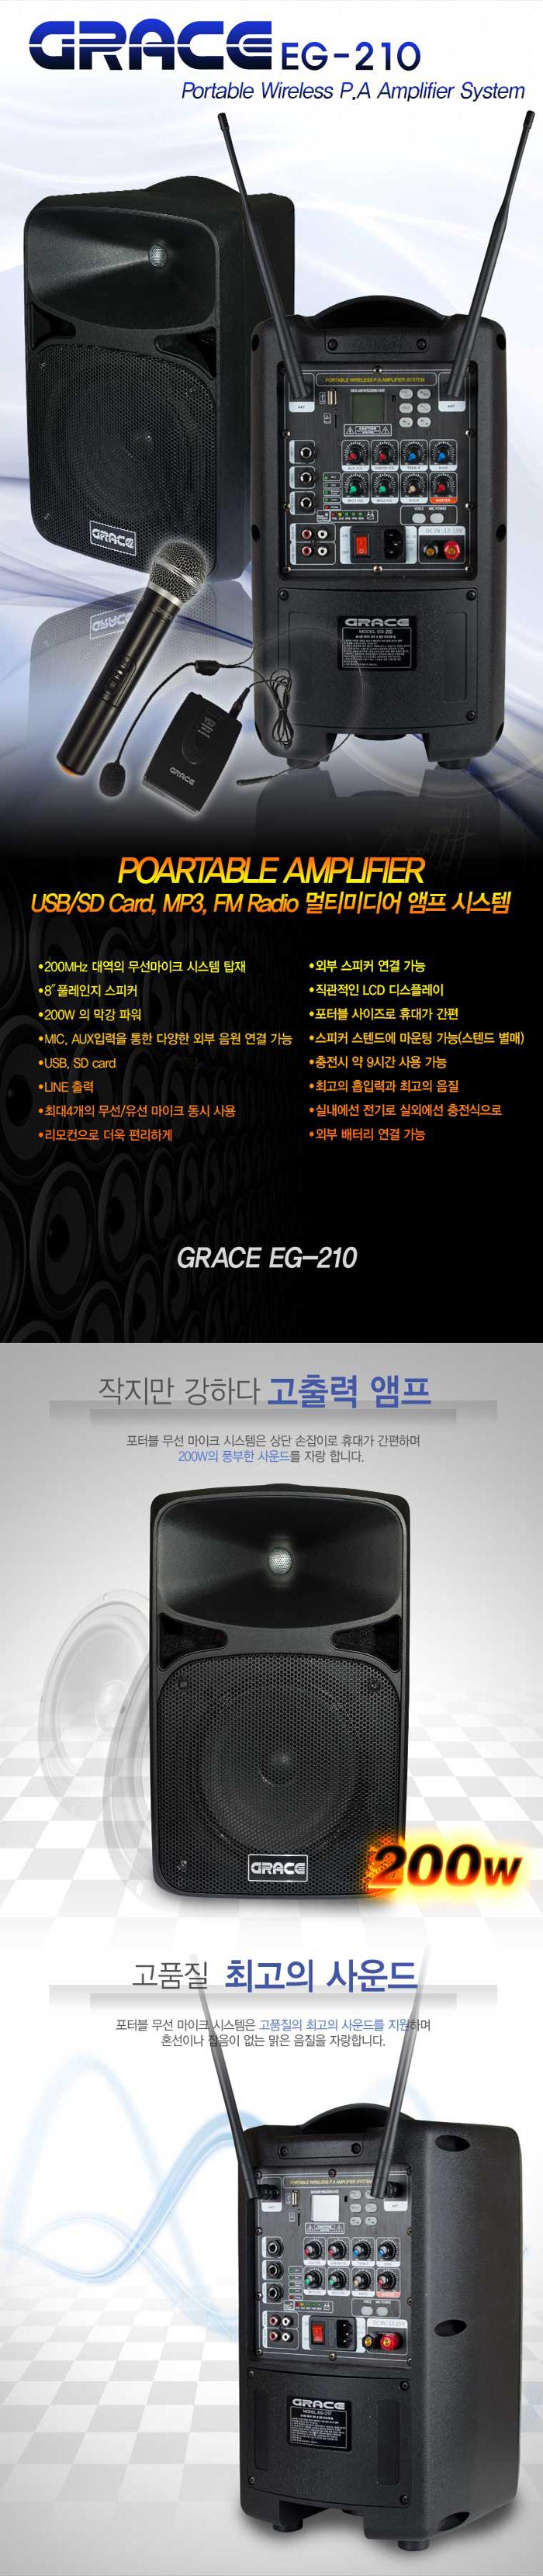 EG-210-2.jpg